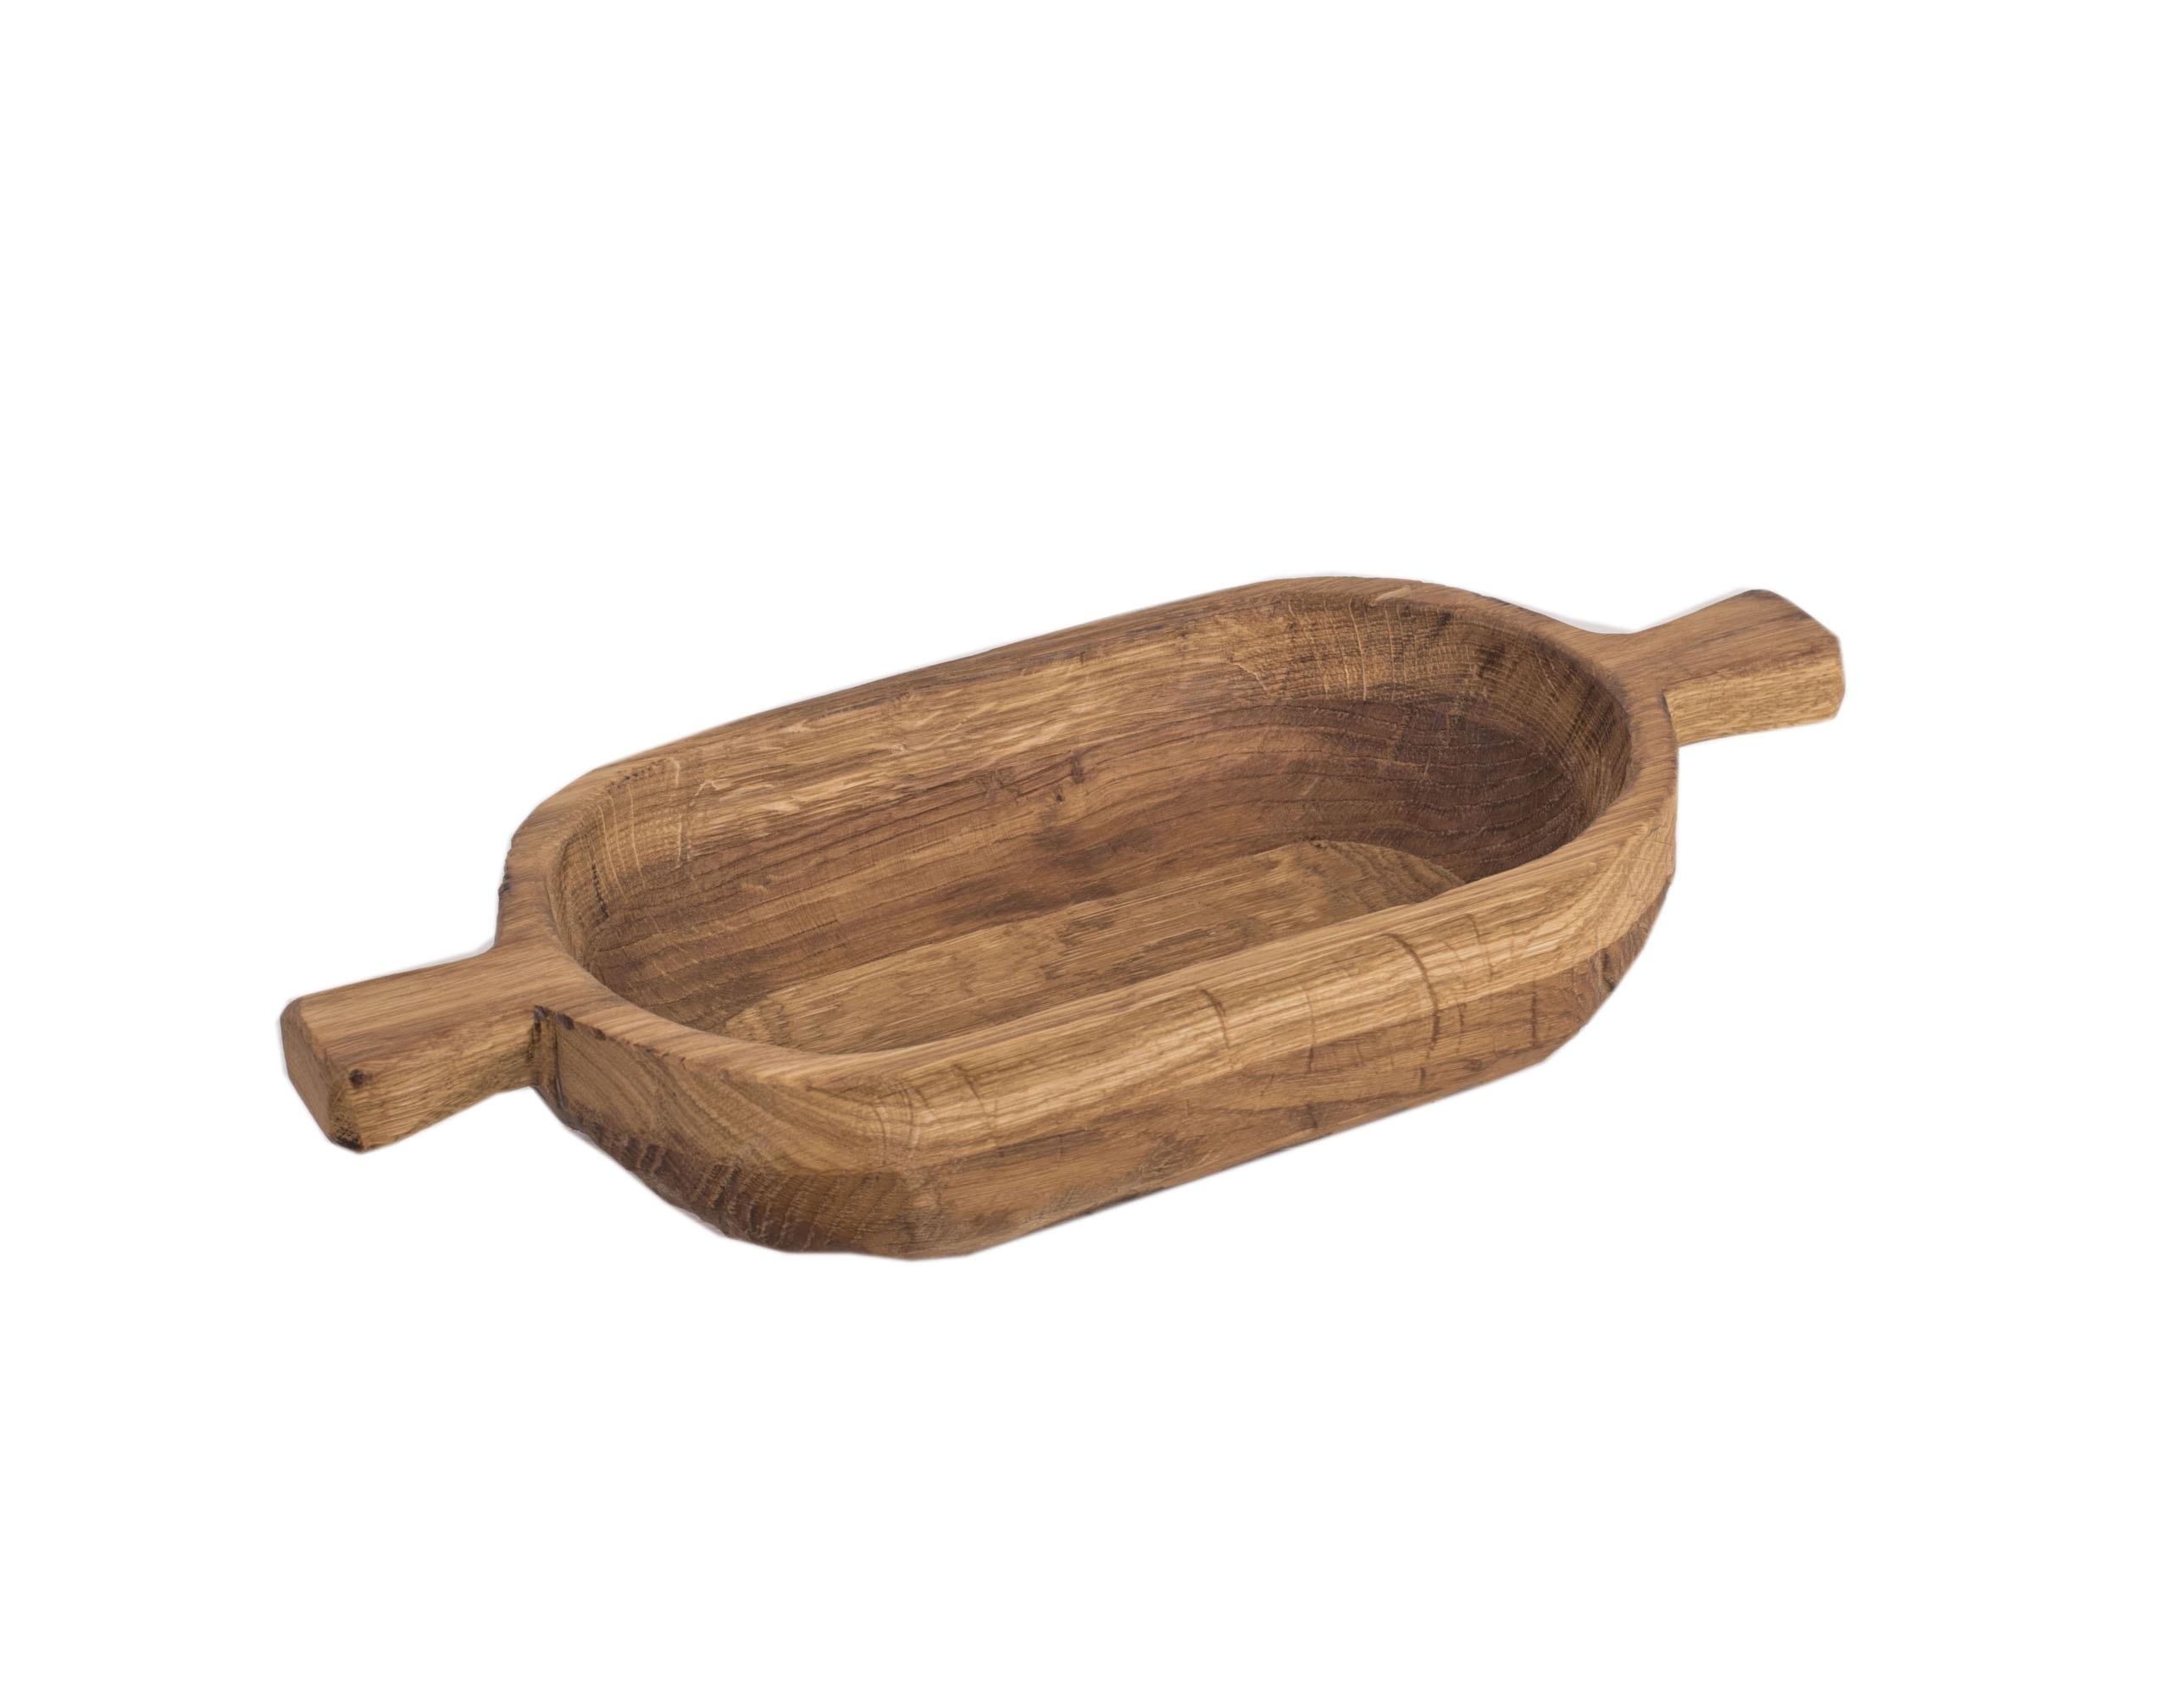 ПлошкаДекоративные блюда<br>Данная посуда вдохновлена традиционными русскими формами - посудой, которую использовали в повседневной жизни на Руси: ковши, чарки, братины, кубки. Эти старинные формы актуальны и сейчас. Они отлично подходят для сервировки фруктов, салатов, лапши, других блюд и для украшения современных интерьеров. Покрытие: льняное масло. Сделано вручную. Изделие подходит для использования в пищевых целях. При активном использовании рекомендуется раз в месяц обновлять покрытие растительным маслом.<br><br>Material: Дуб<br>Ширина см: 32<br>Высота см: 13<br>Глубина см: 18